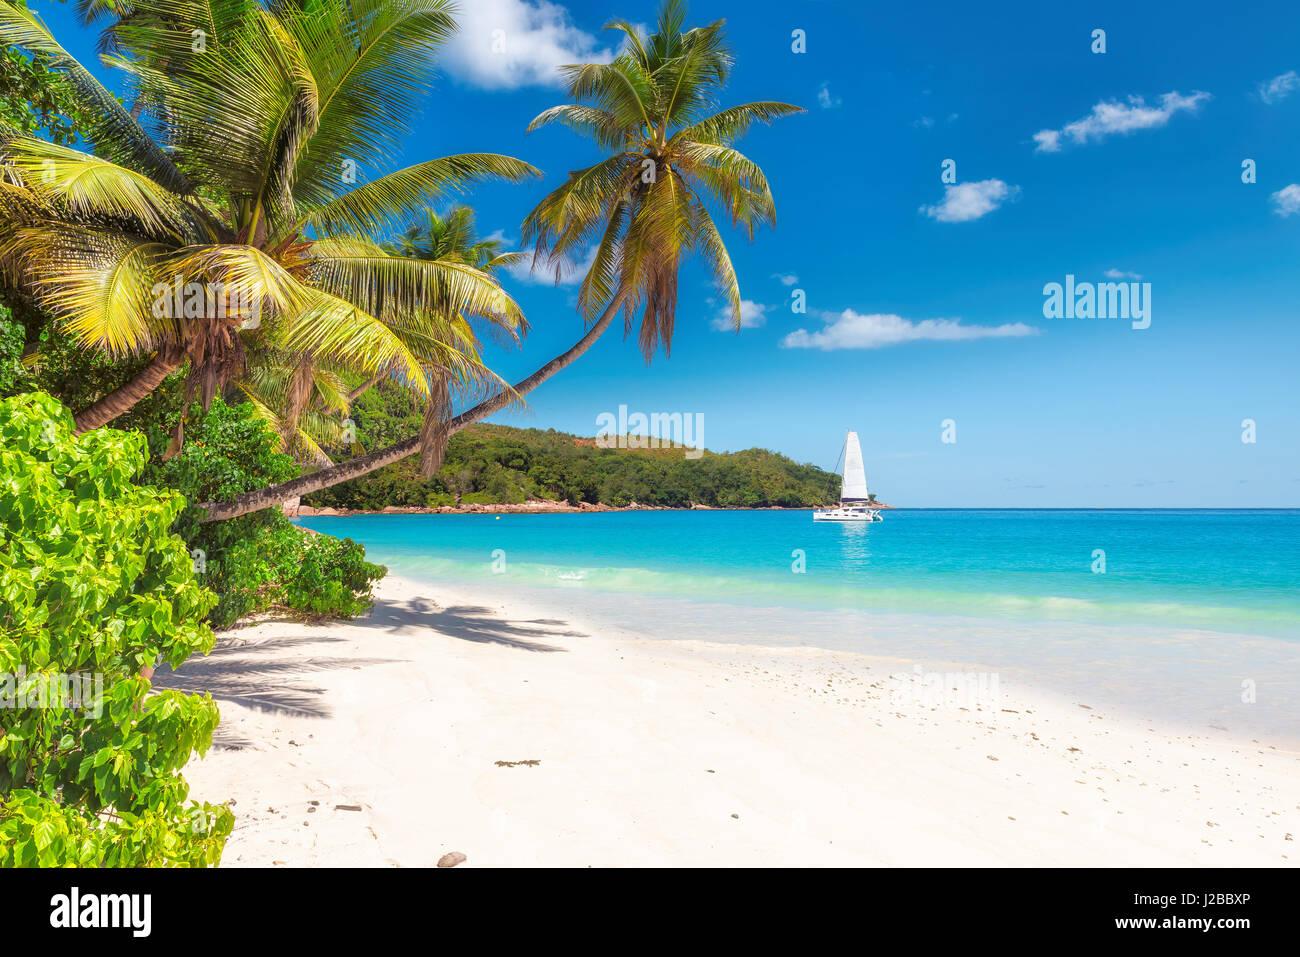 Plage de l'océan tropical avec sable blanc, cocotiers, eau turquoise transparente et yacht à voile Photo Stock